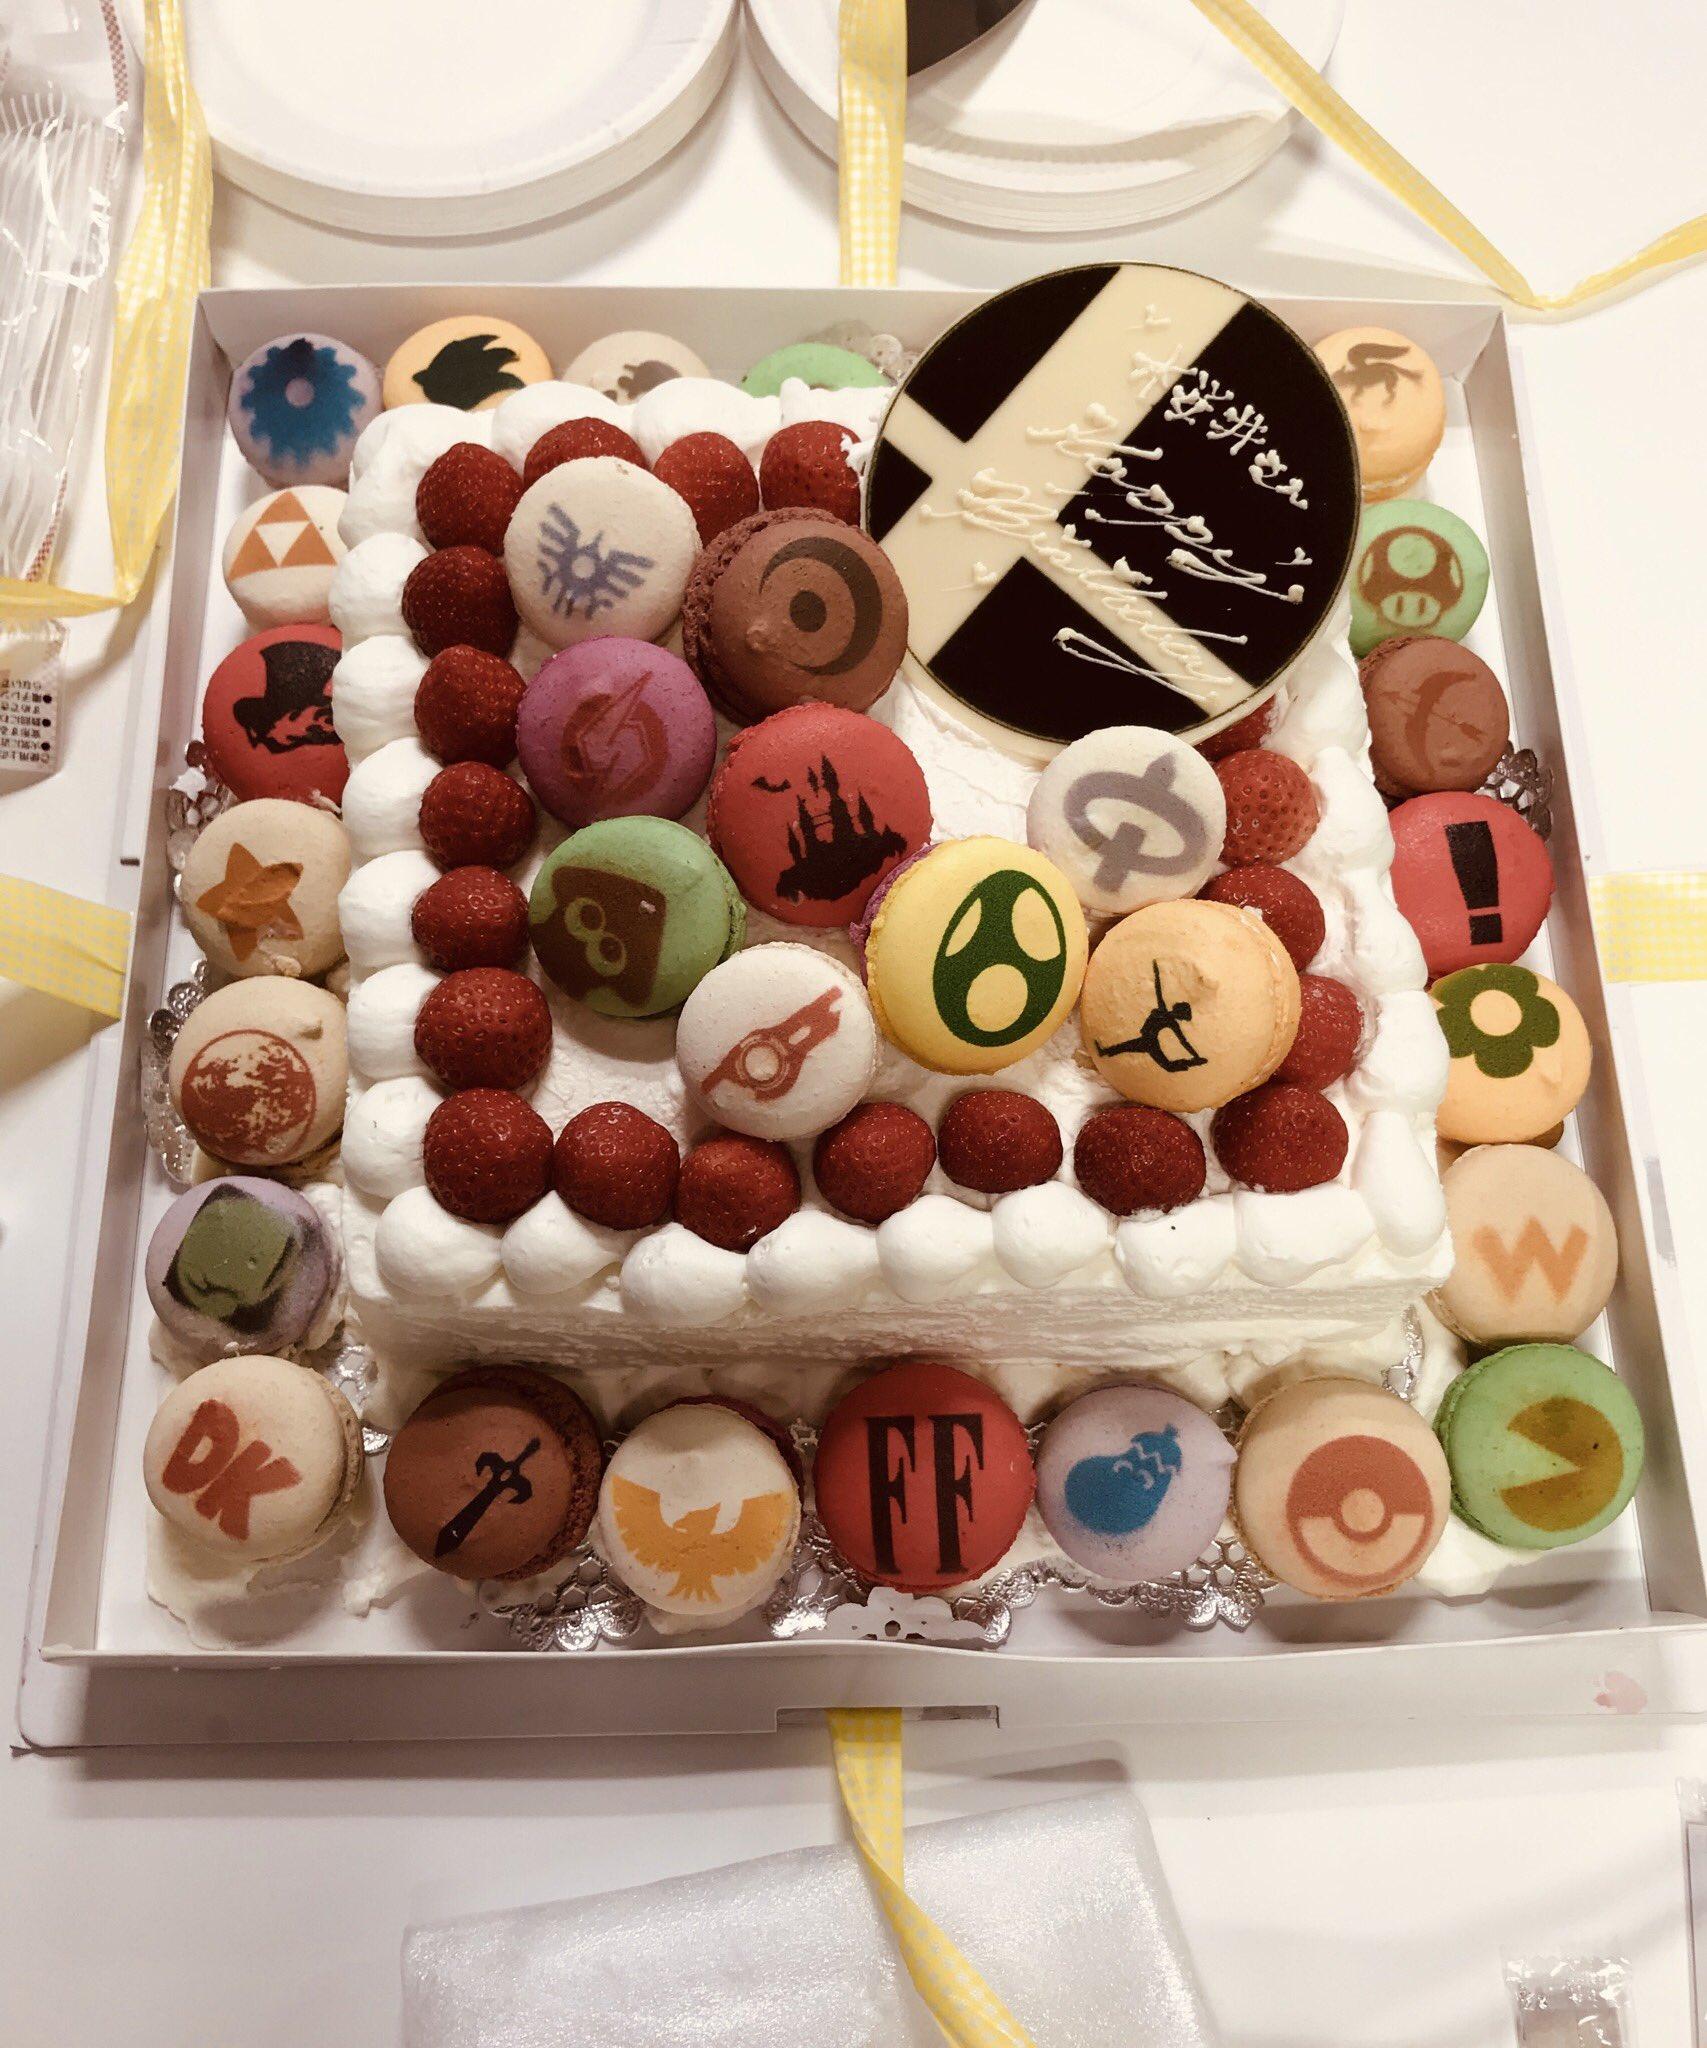 スマブラの生みの親・桜井さんのバースデーケーキもスマブラだった?!